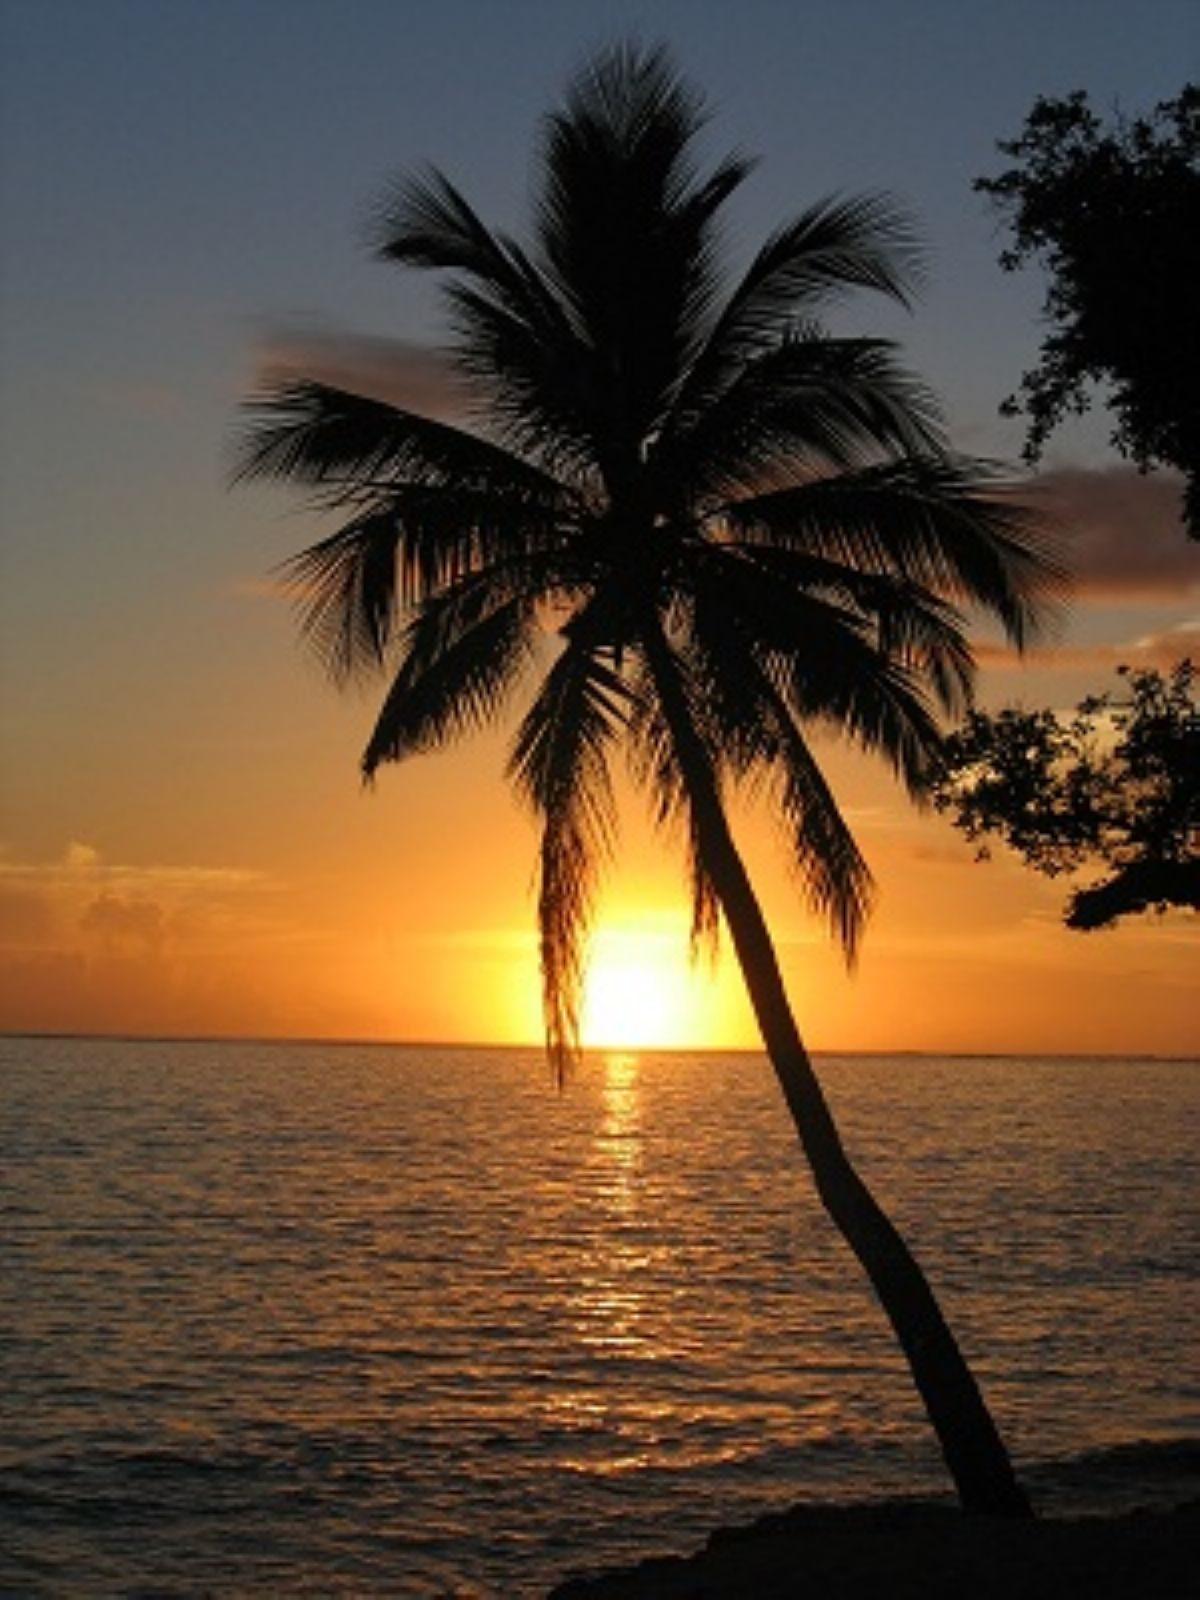 Rüyada Palmiye ağacı görmek